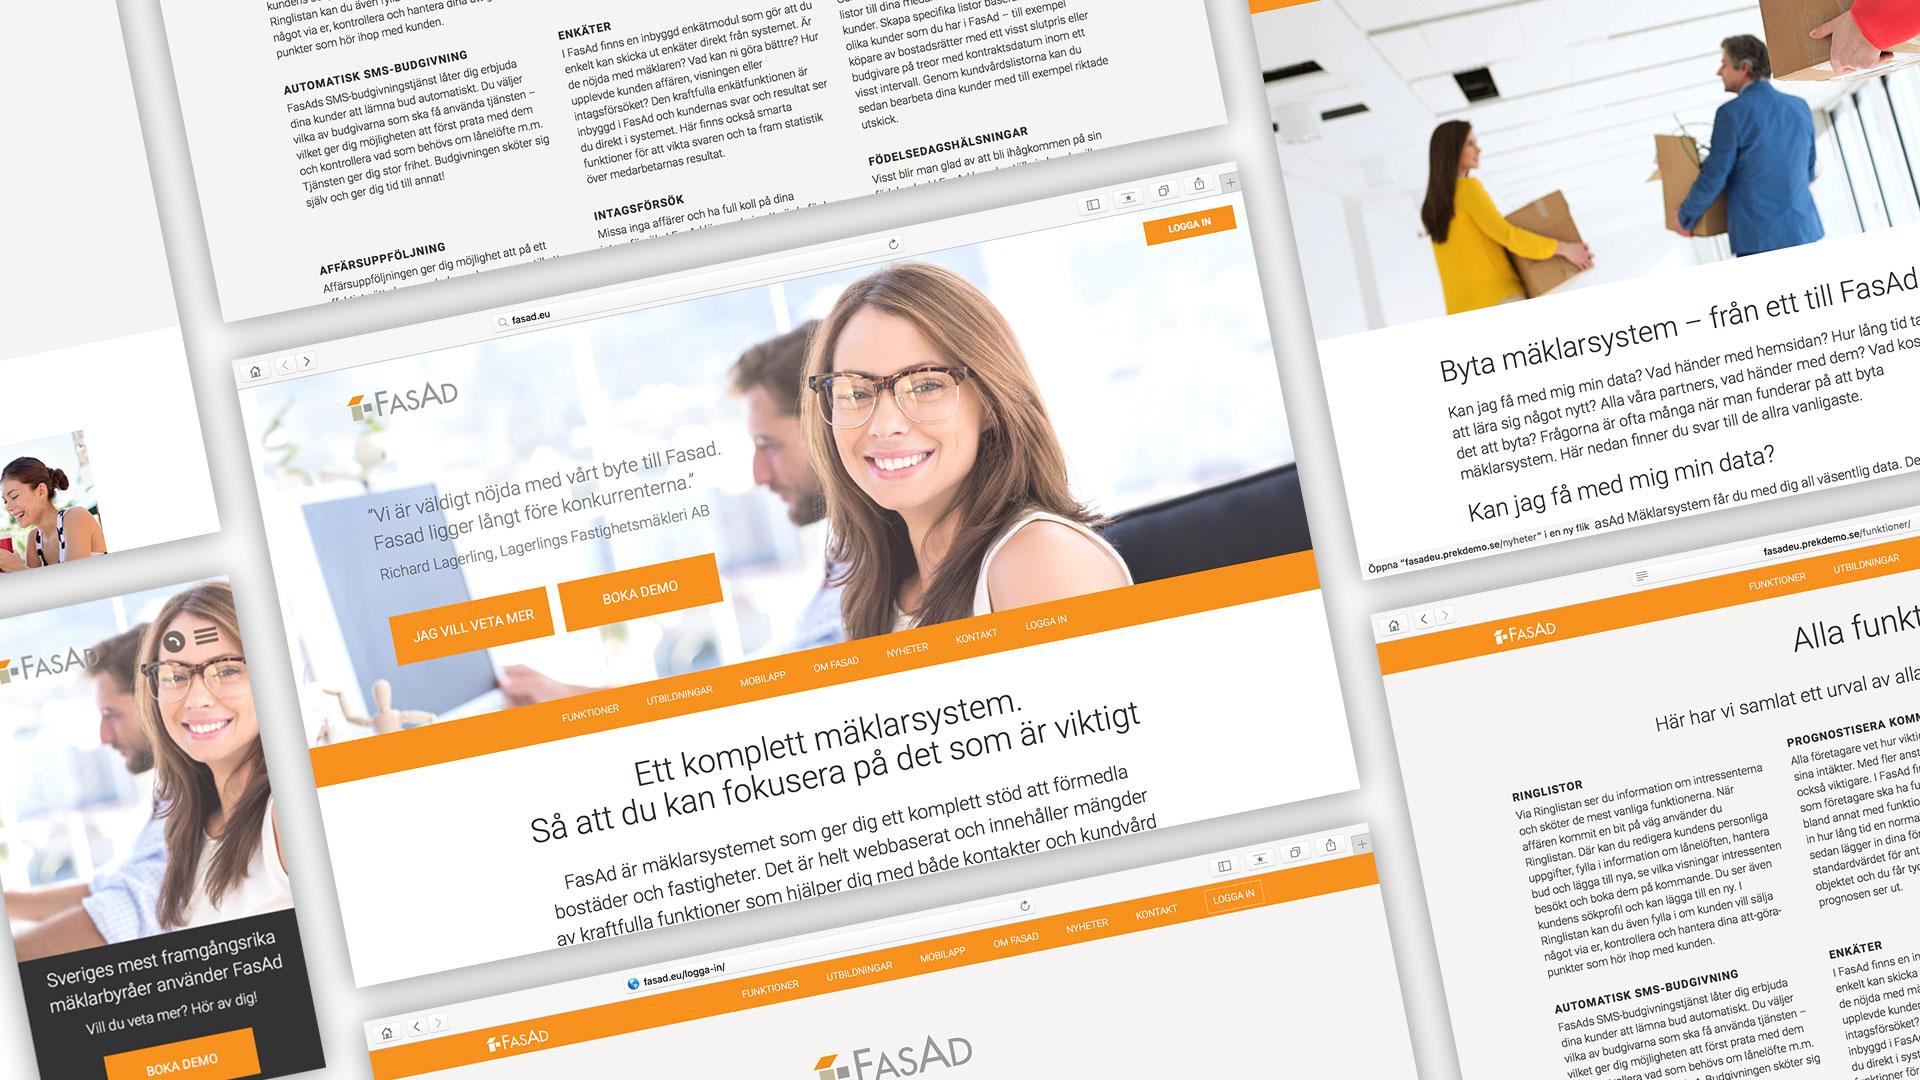 En ny sajt till jobbets system